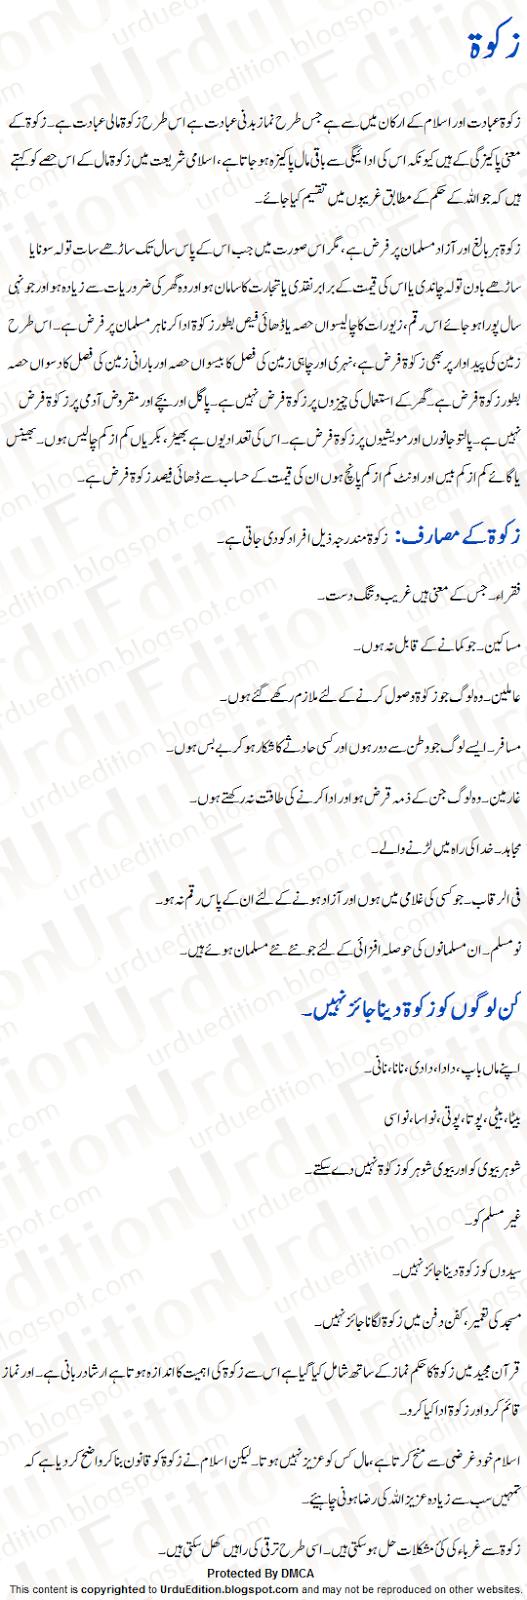 zakat essay in urdu zakat ki ahmiyat zakat urdu essay mazmoon urdu zakat essay in urdu zakat ki ahmiyat zakat